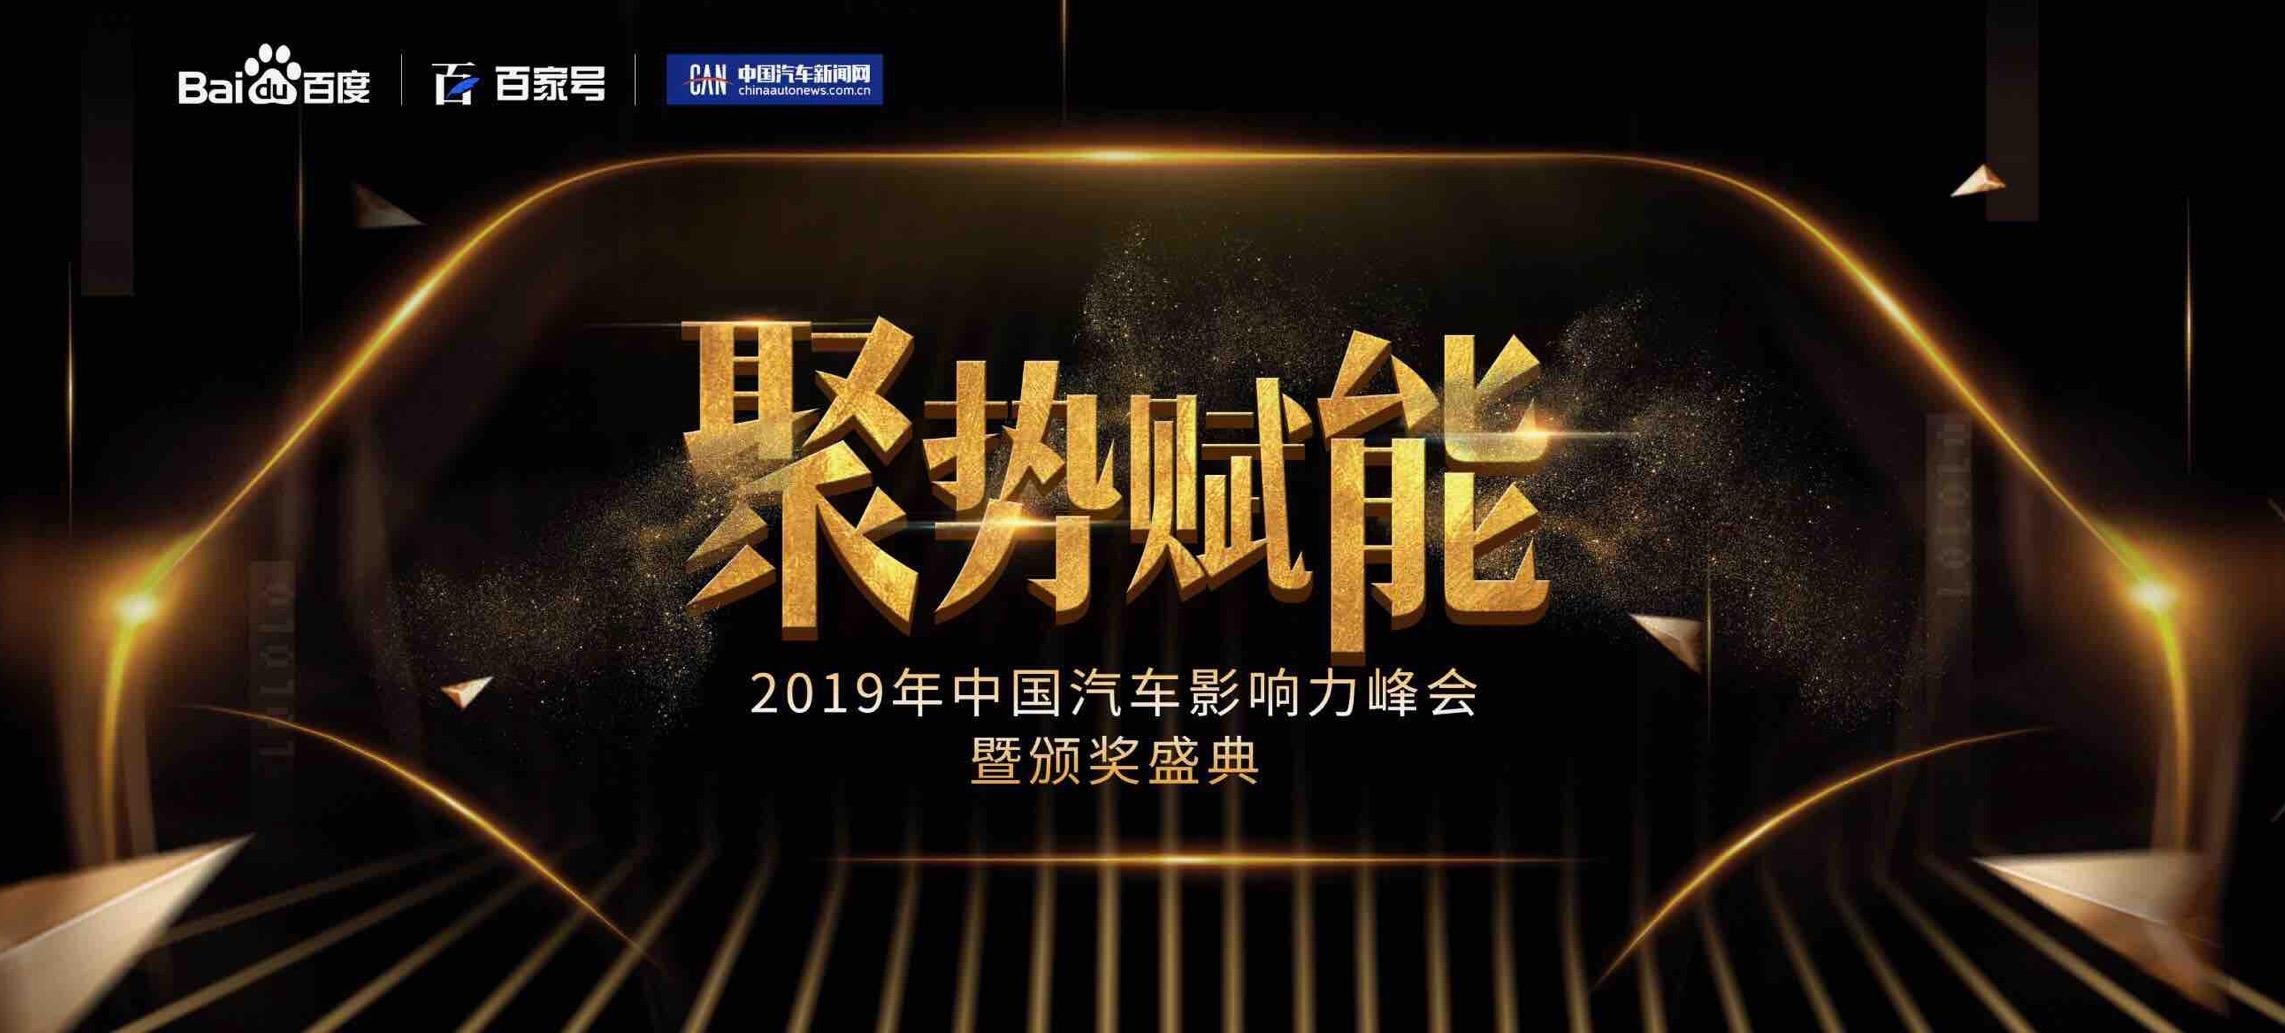 中国汽车新闻网和百度 将举办中国汽车影响力峰会